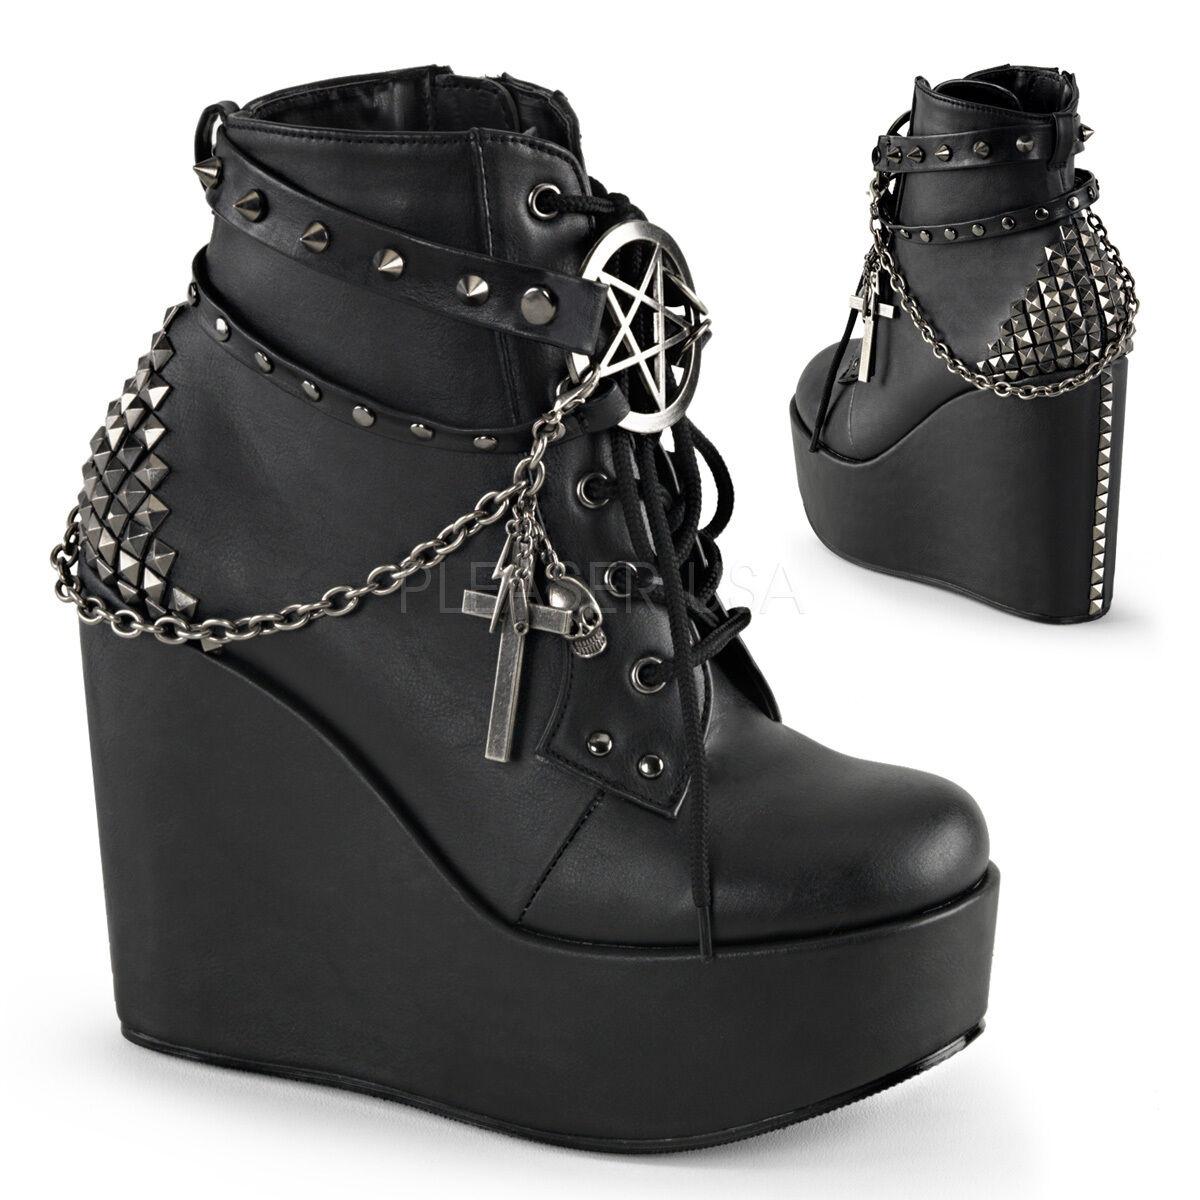 Demonia botas botas botas al Tobillo Negro Plataforma De Cuña de 5  con encantos Pentagrama 6 7 8 9 10 11 815d64